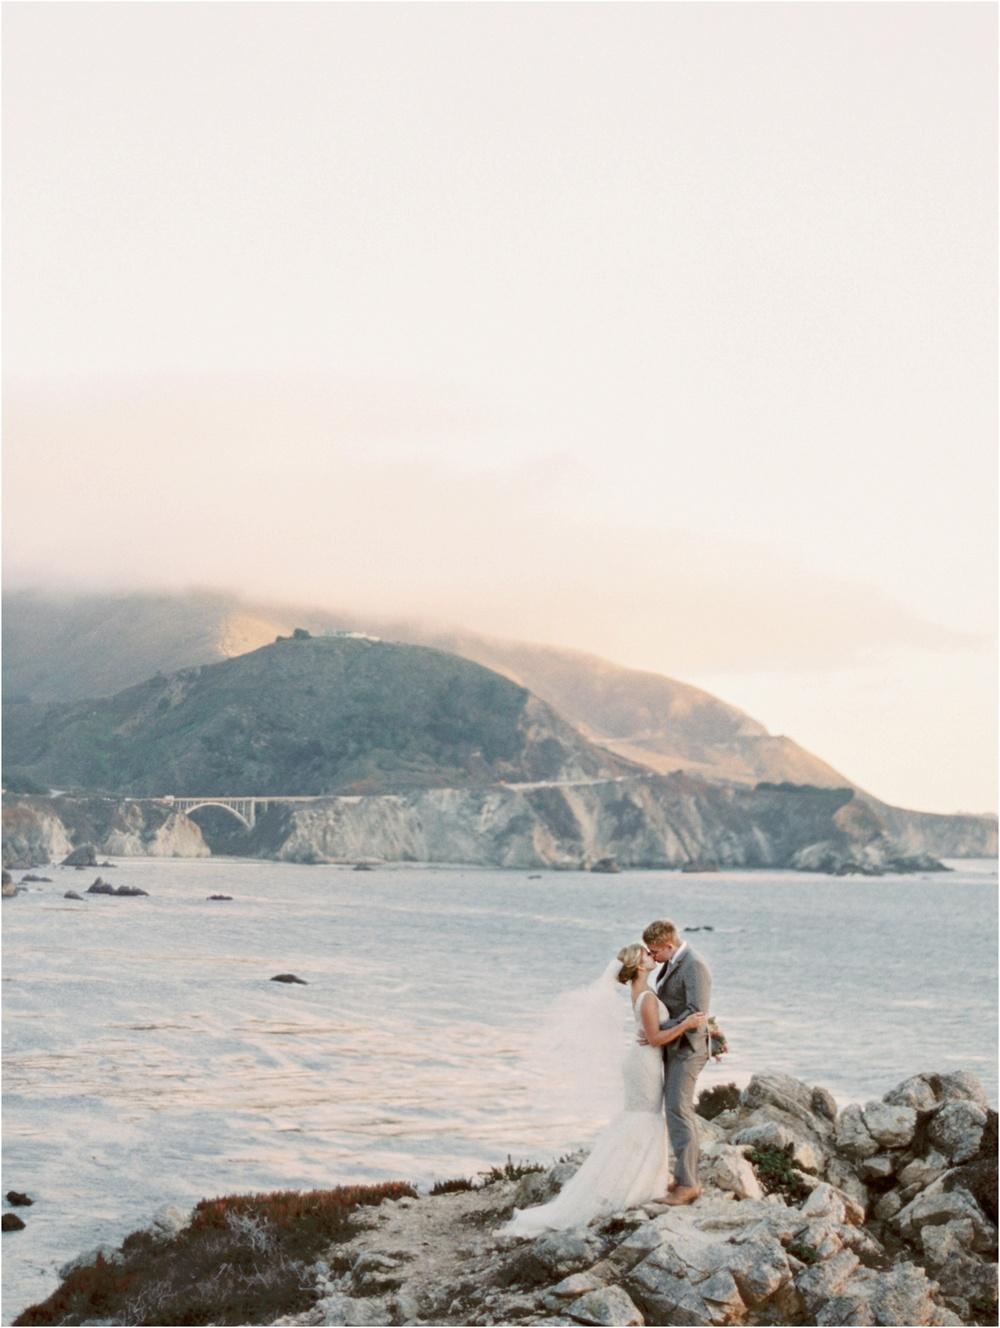 blueberryphotography.com | San Francisco Based Wedding & Lifestyle Photographer